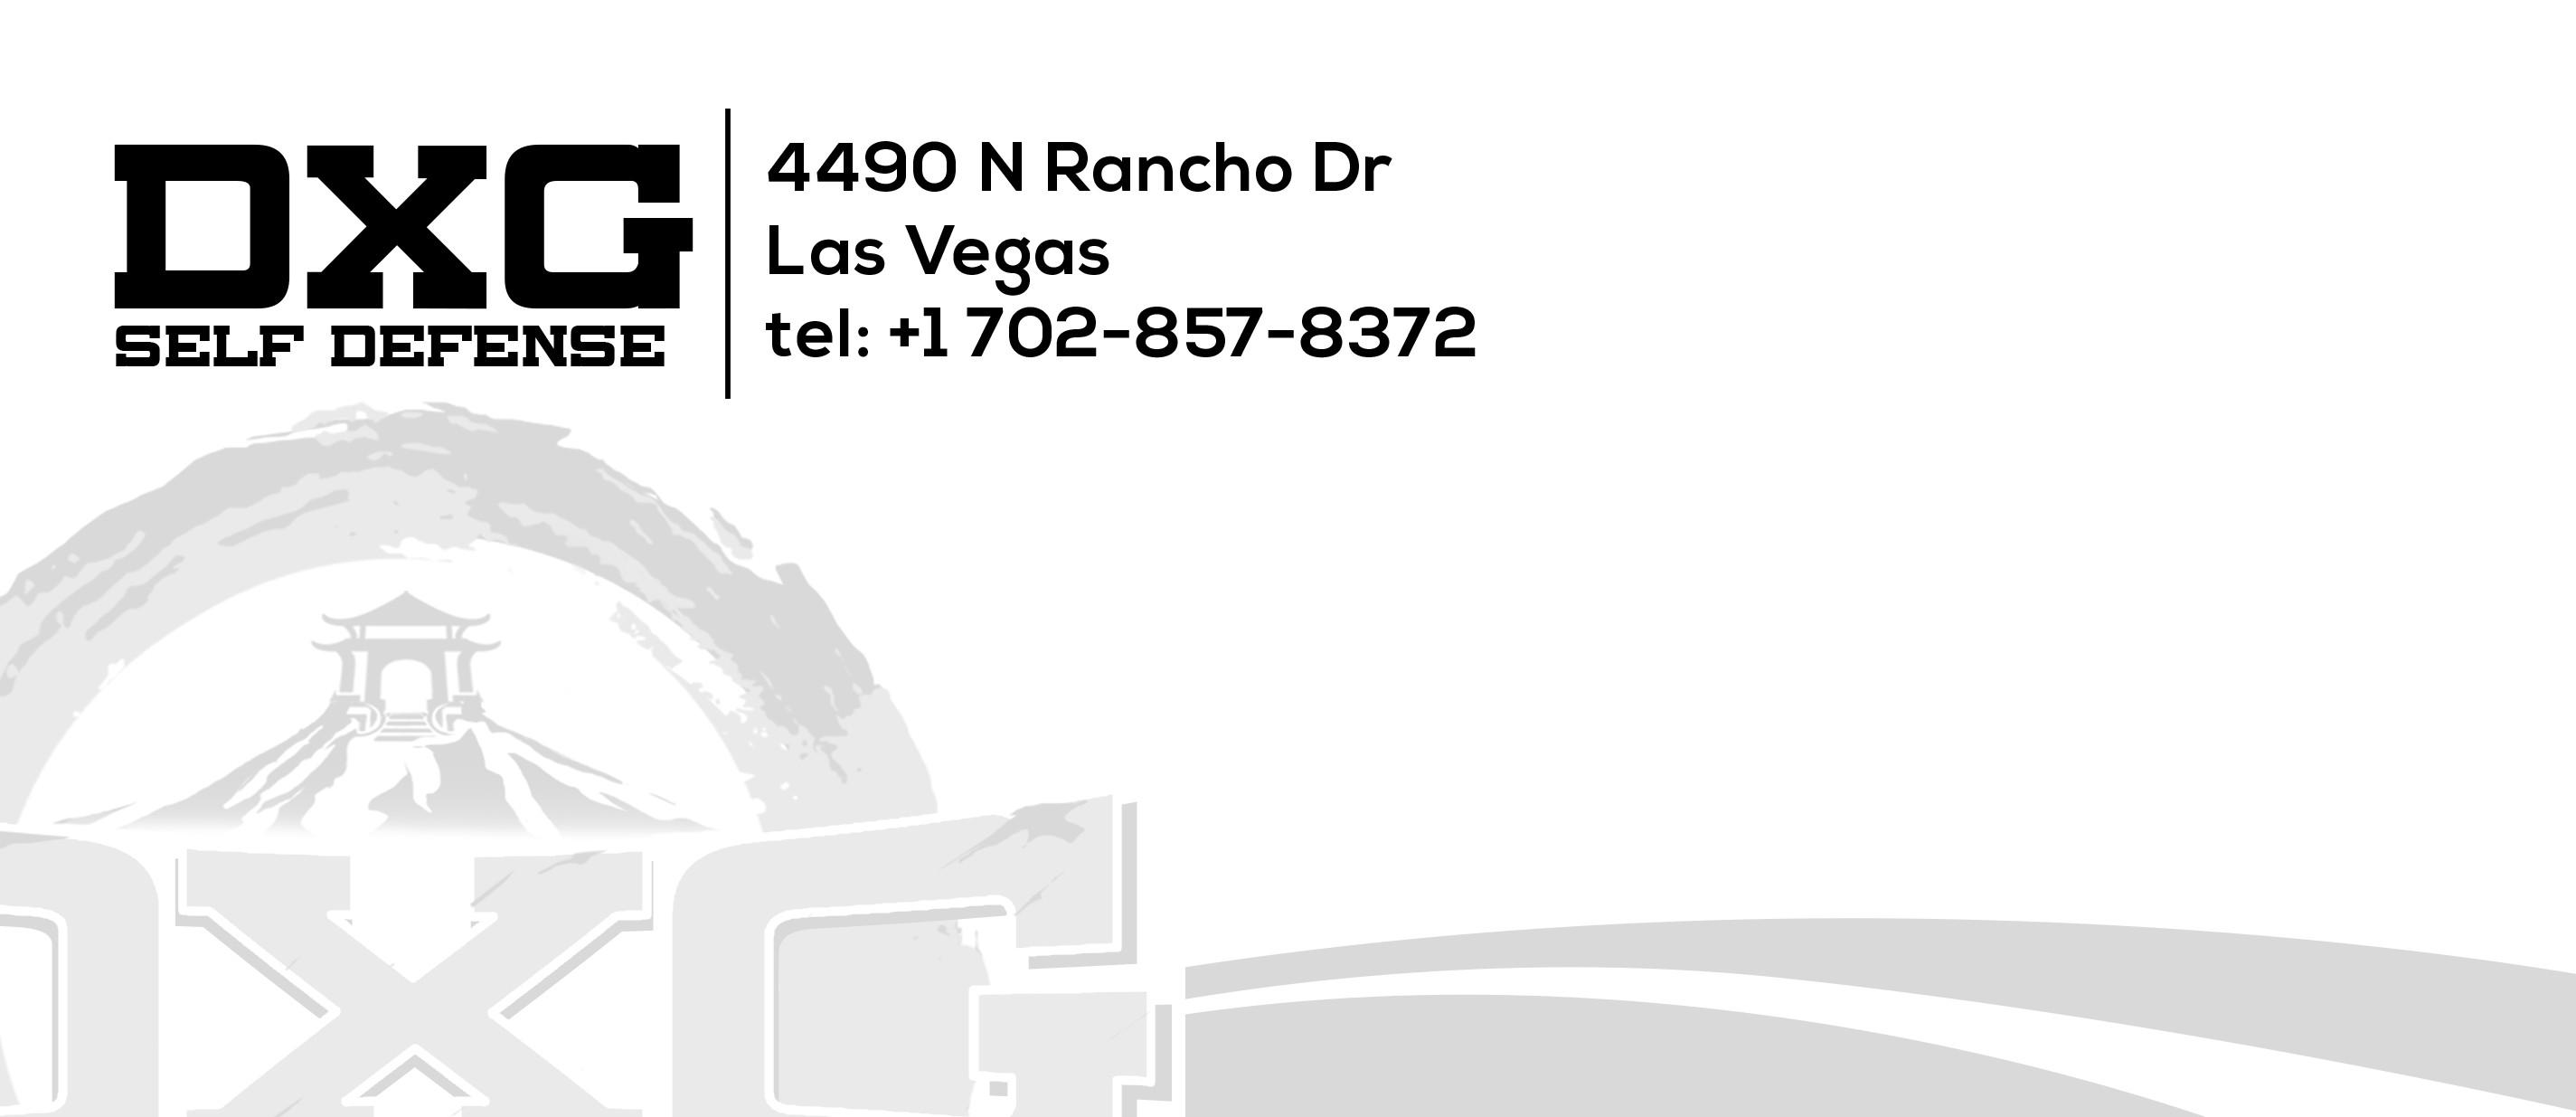 Self Defense facility in Las Vegas